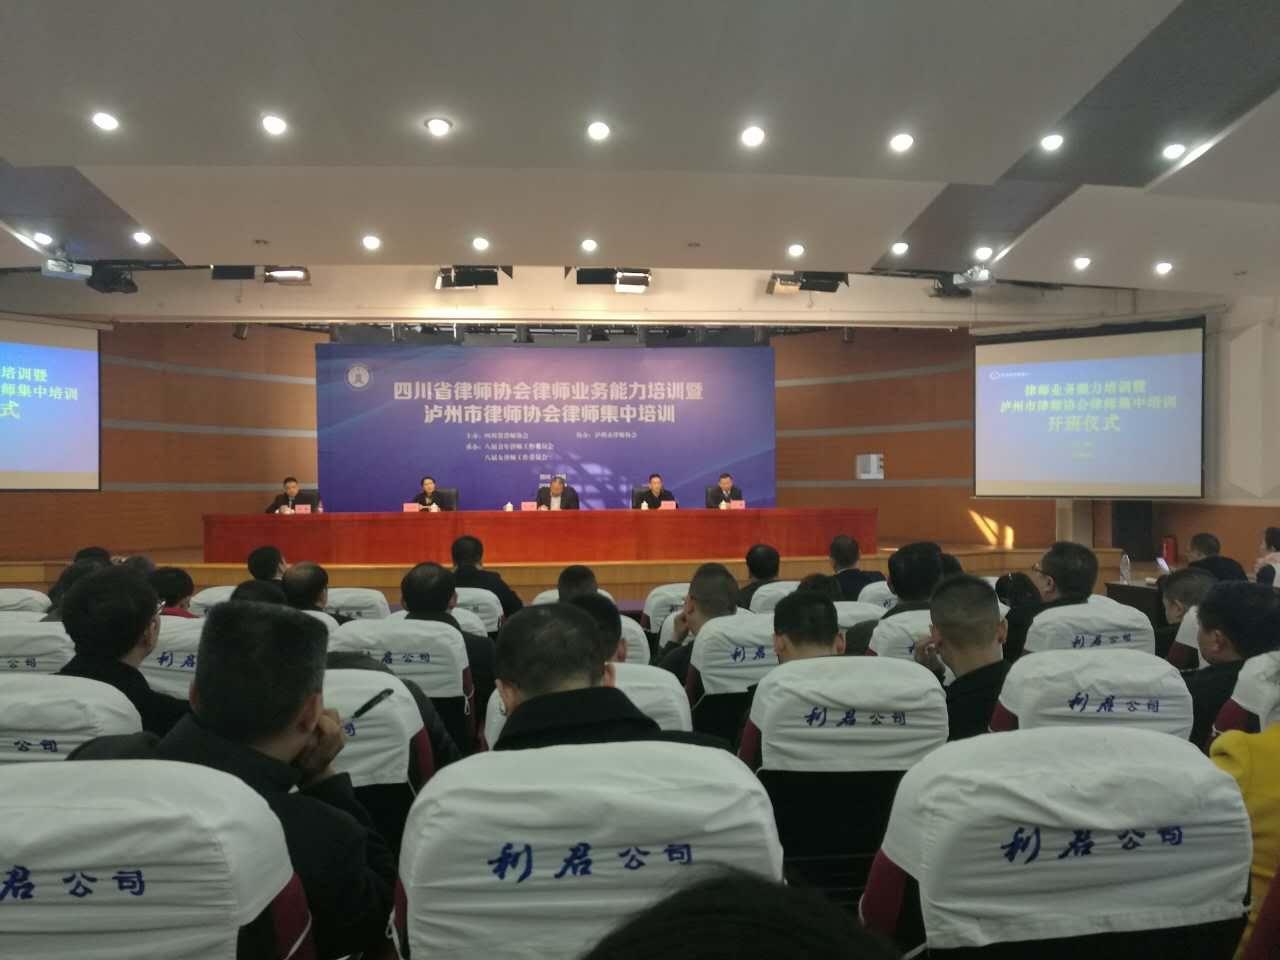 我所律师参加四川省律师协会律师业务能力培训暨泸州市律师协会律师集中培训